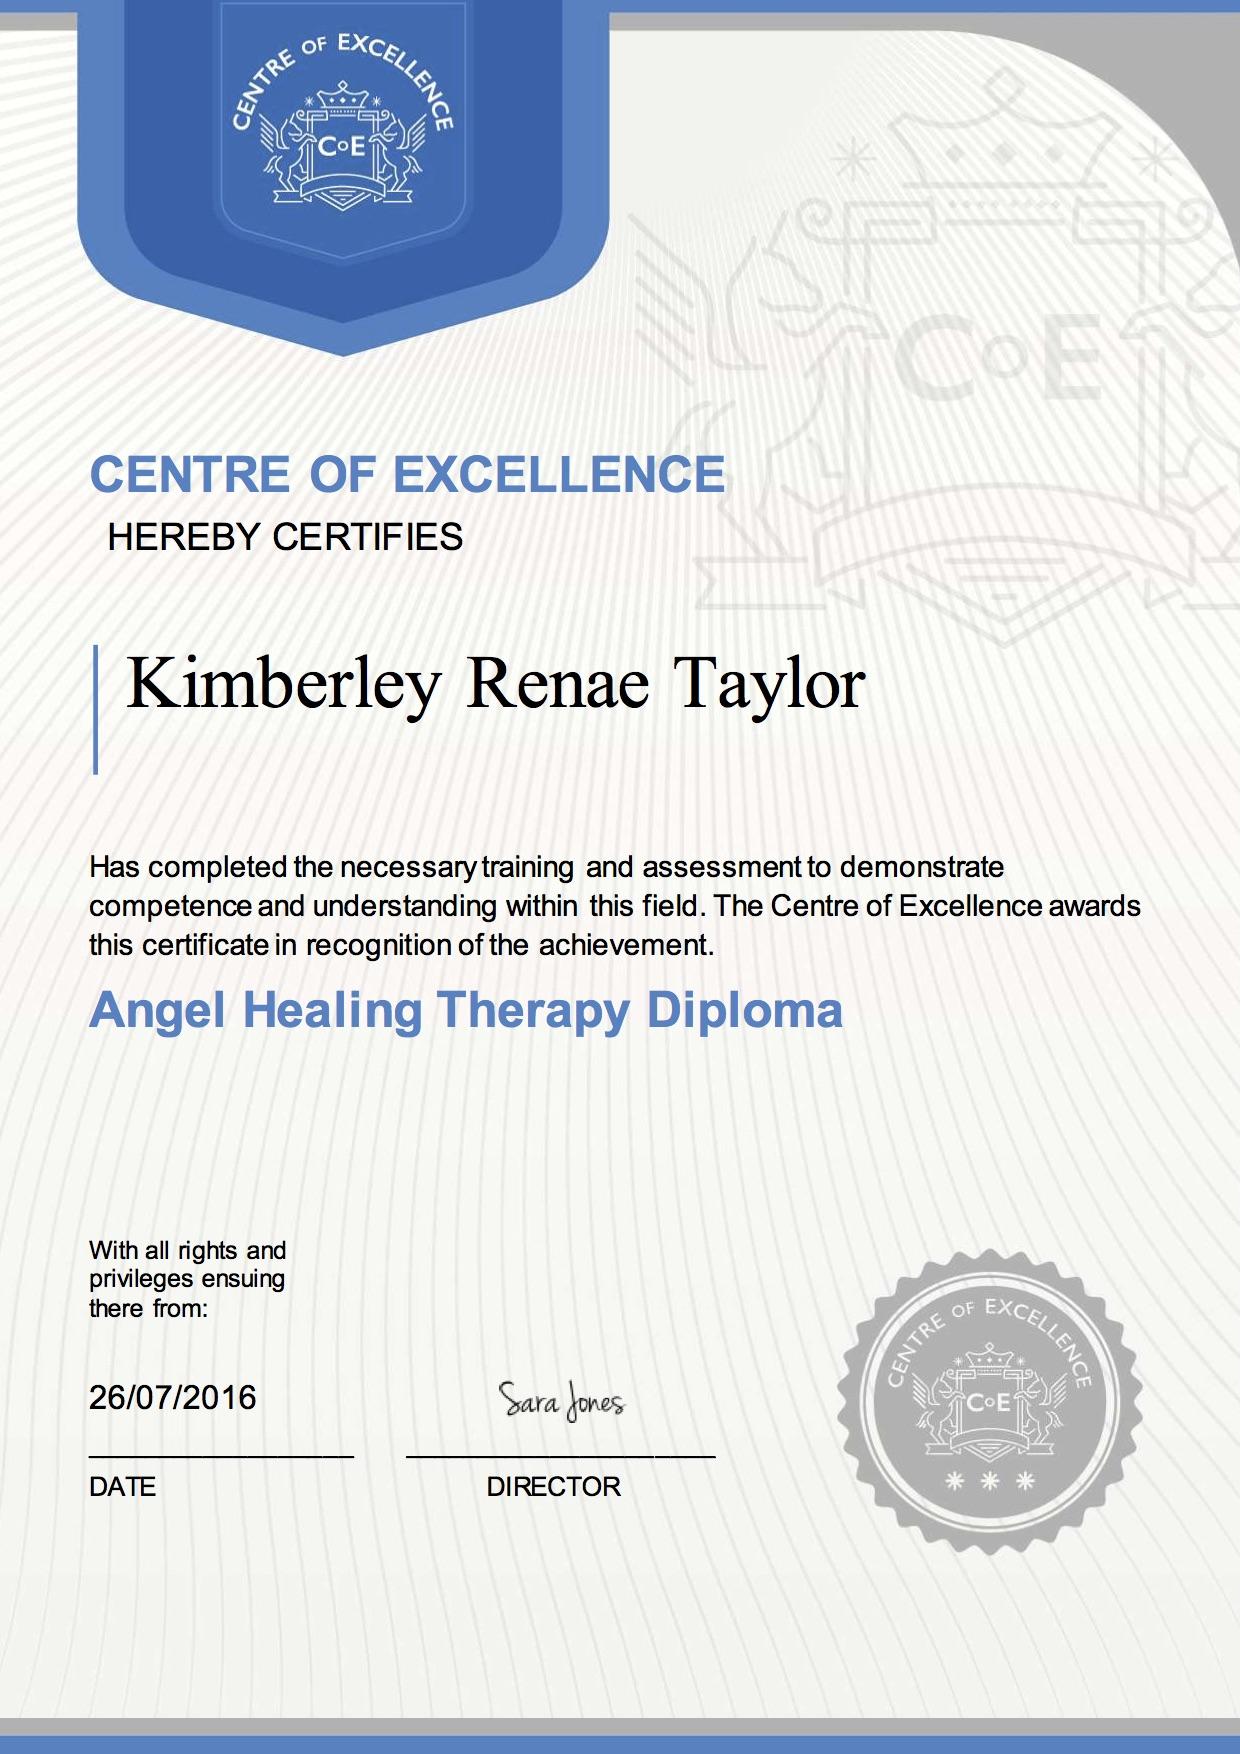 Angel Healing Therapy Diploma Kimberley Renae Taylor